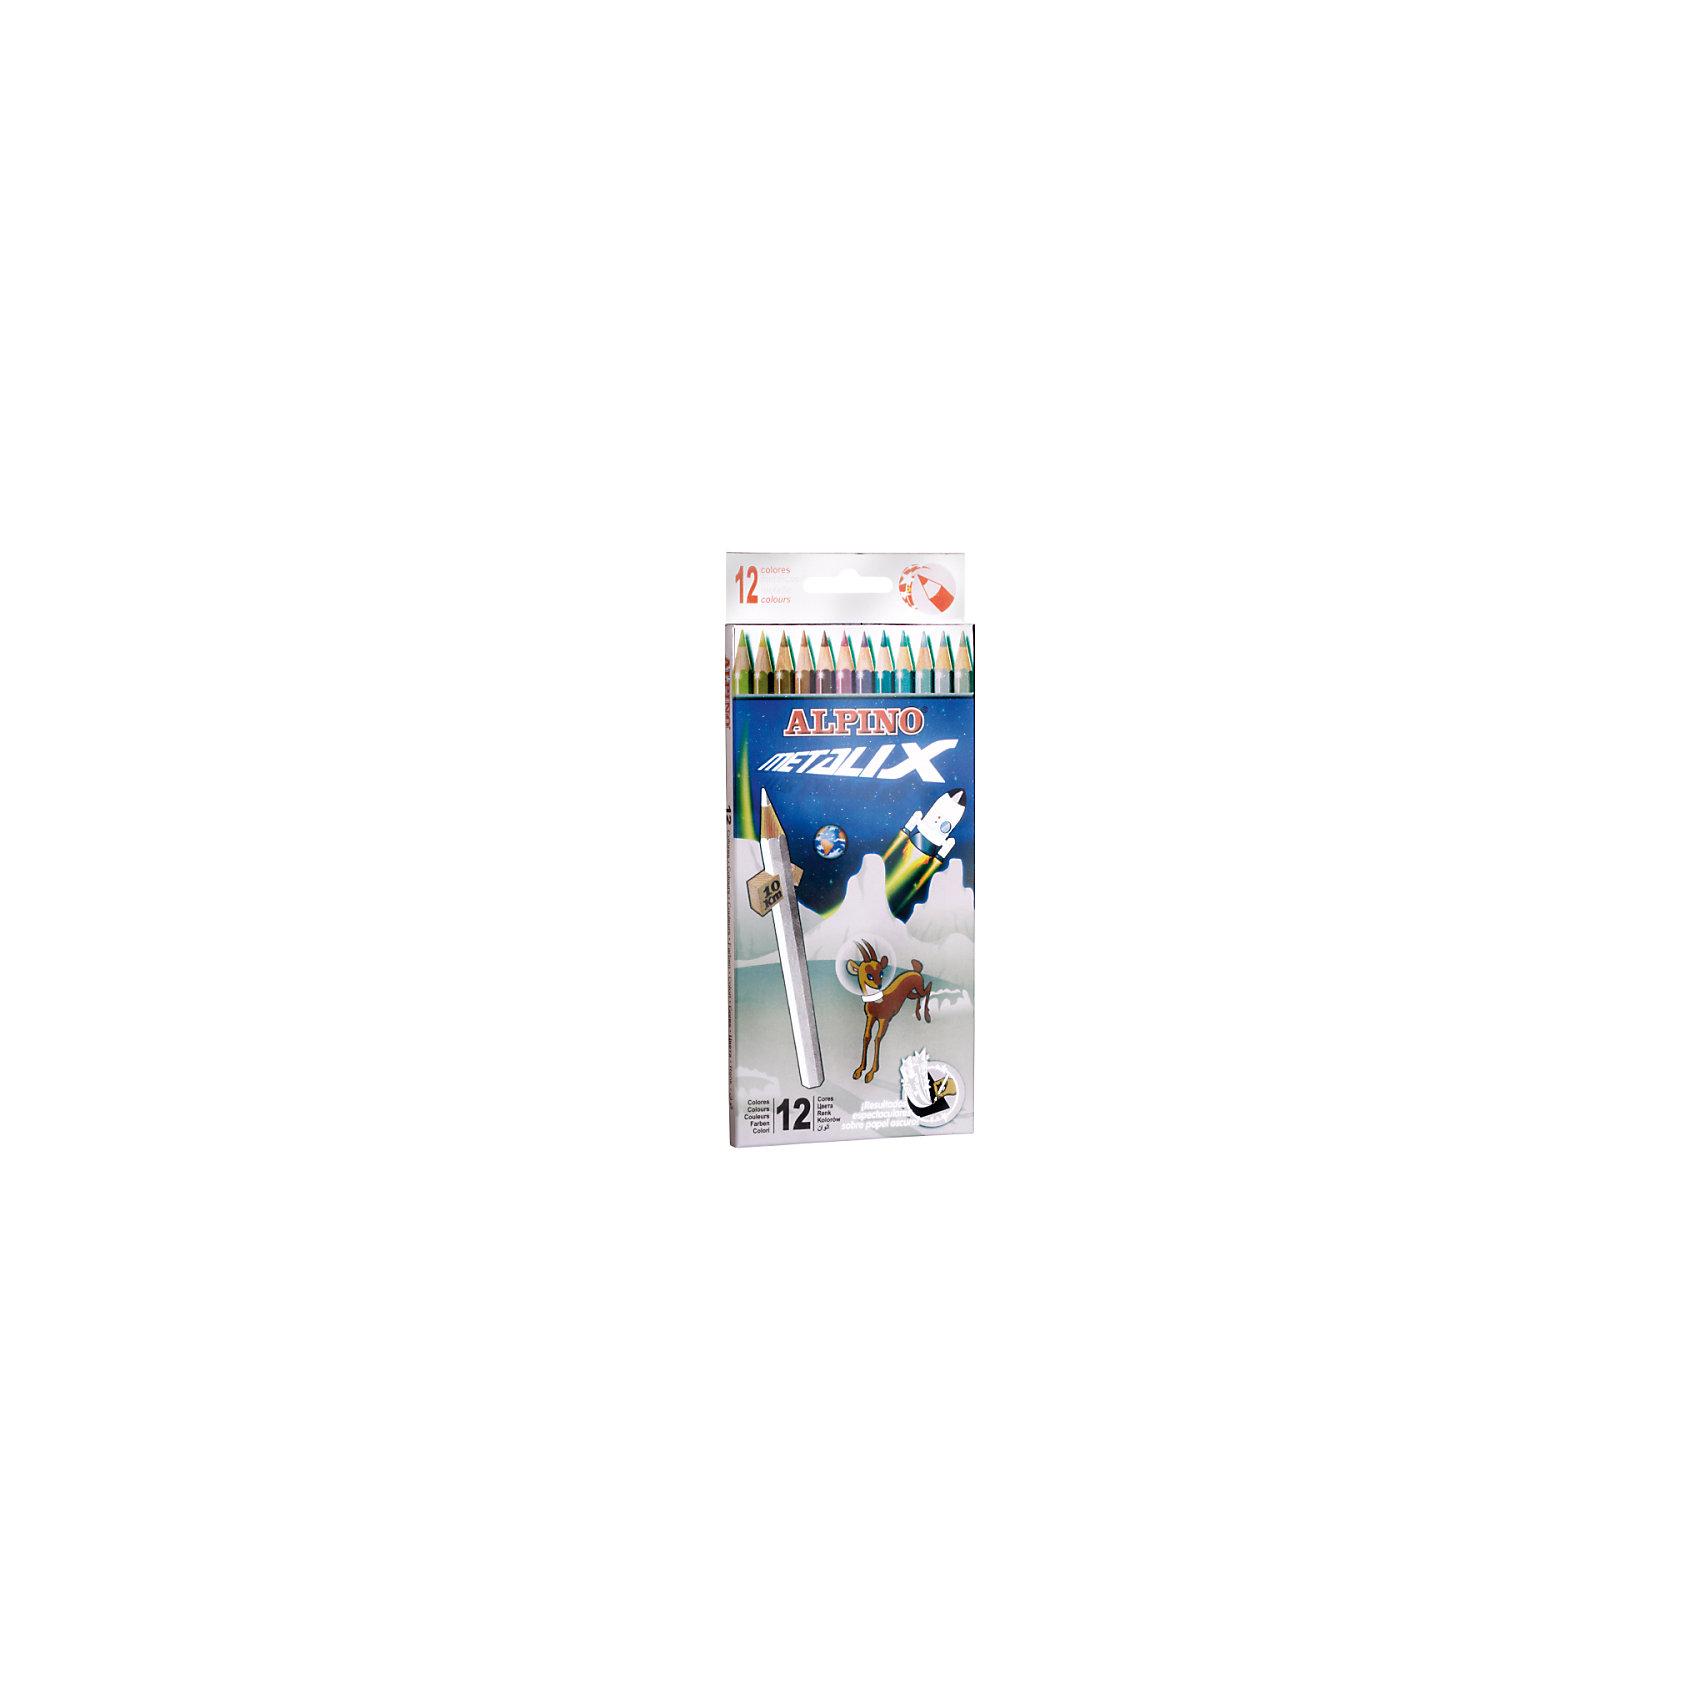 Цветные шестигранные карандаши METALIX (с металлизированным эффектом цвета), 12 цв.Изготовлены из натуральных материалов по европейским стандартам качества (CE)<br>Параметры карандашей - диаметр корпуса: 6,9 мм, диаметр грифеля: 3 мм<br>Грифель даёт чистые, яркие и насыщенные цвета<br>Особенно интересные (фантастические) эффекты каждого цвета получаются на бумаге или картоне тёмных цветов. Рисование доставит истинное удовольствие детям и взрослым, а изображения зимних, ночных и вечерних сюжетов, а также водной стихии, подводного мира и космоса будут необыкновенно выразительны и удивительно правдоподобны<br>Легко отстирывается с большинства обычных тканей<br>Поломку грифеля предупреждает специальная технология его вклеивания<br>Качественная древесина обеспечивает лёгкое затачивание при помощи стандартных точилок<br>Упаковка с европетлей<br>Производитель: ALPINO (Испания)<br><br>Ширина мм: 90<br>Глубина мм: 10<br>Высота мм: 217<br>Вес г: 76<br>Возраст от месяцев: 36<br>Возраст до месяцев: 120<br>Пол: Унисекс<br>Возраст: Детский<br>SKU: 5389704